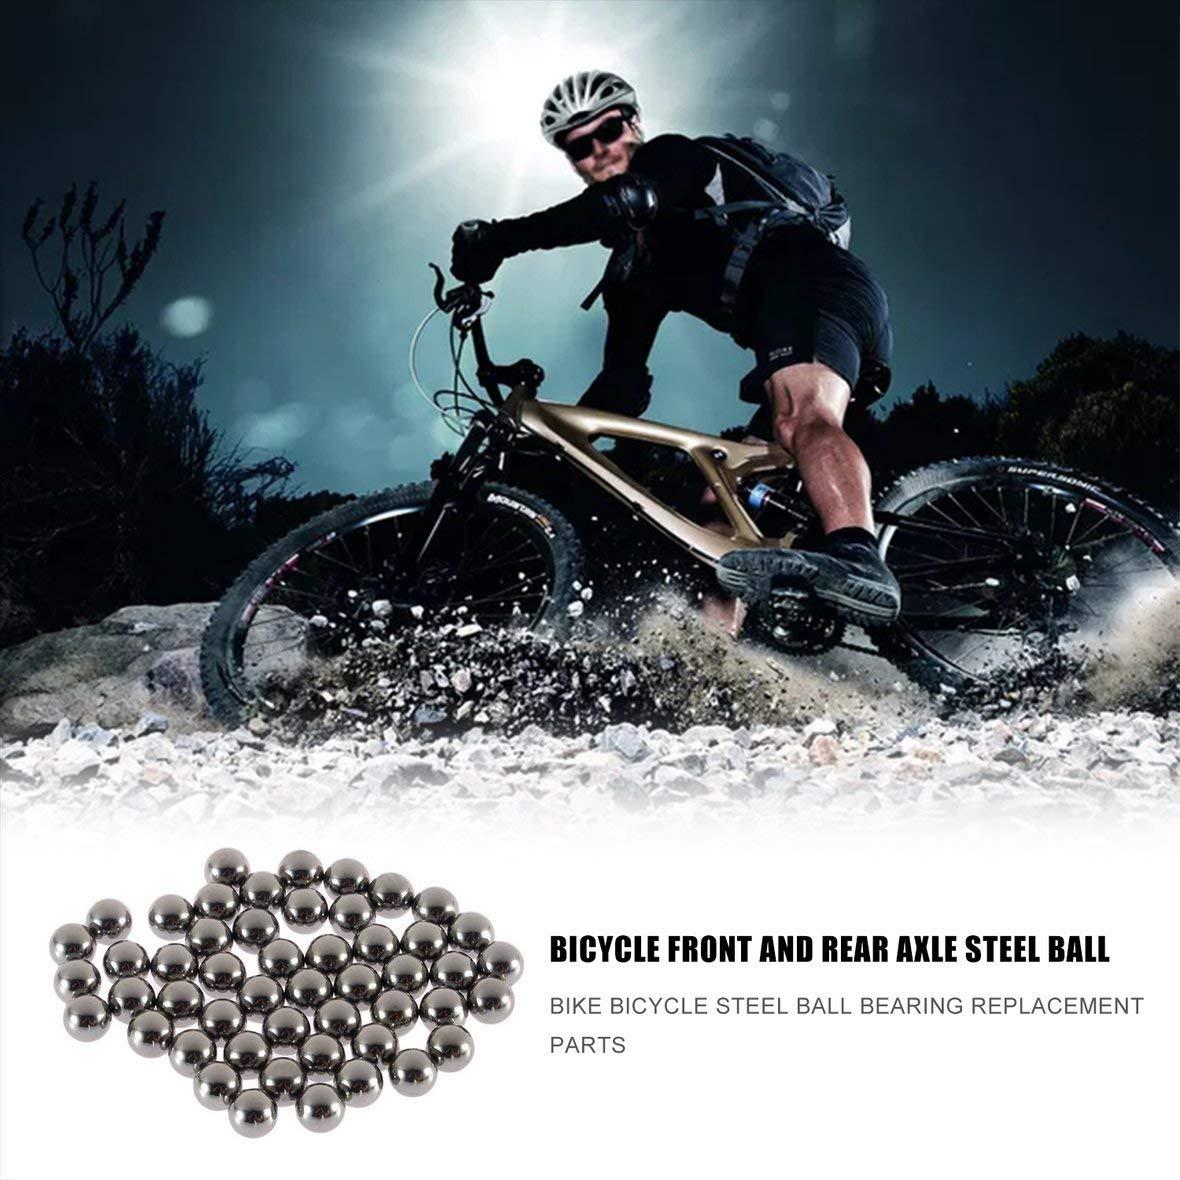 5 Parti di ricambio della sfera dellacciaio inossidabile della bicicletta durevole di 50mm 4mm 5mm 6mm 8mm 9mm 10mm Cuscinetto a sfera dacciaio della bicicletta della bici